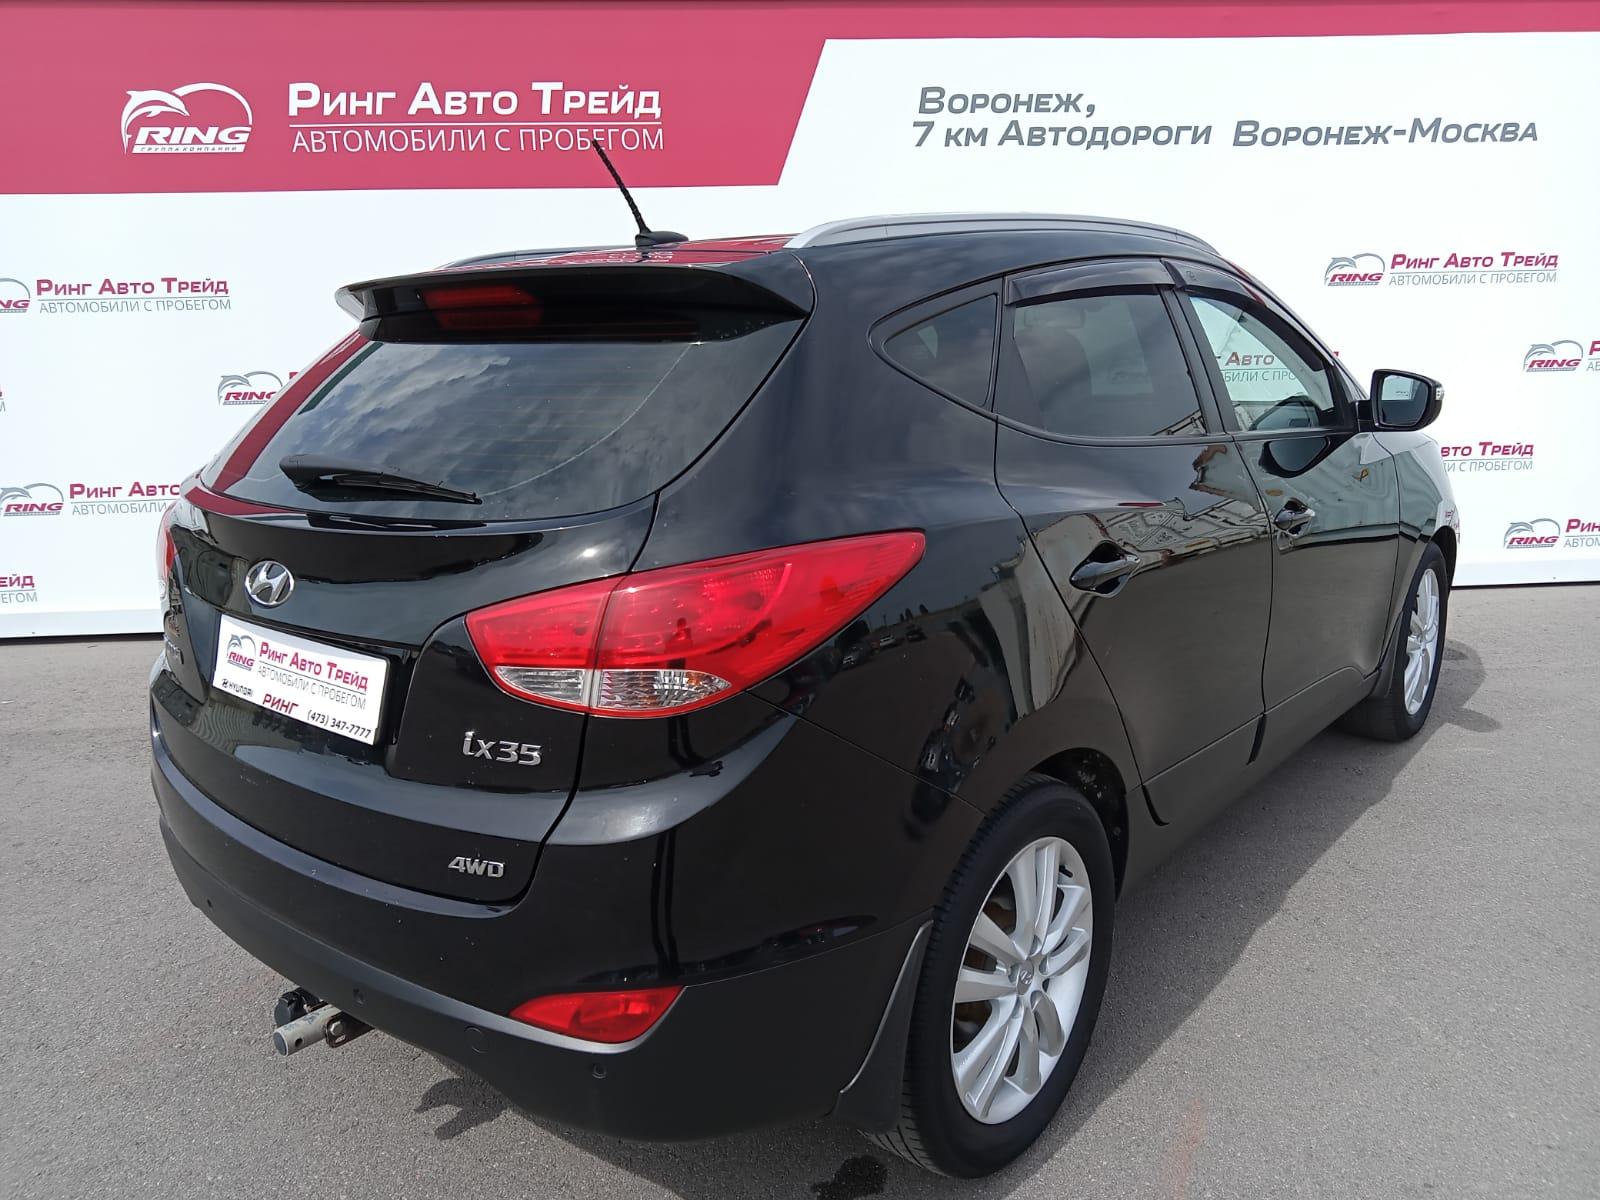 Hyundai ix35 Внедорожник (2012г.)